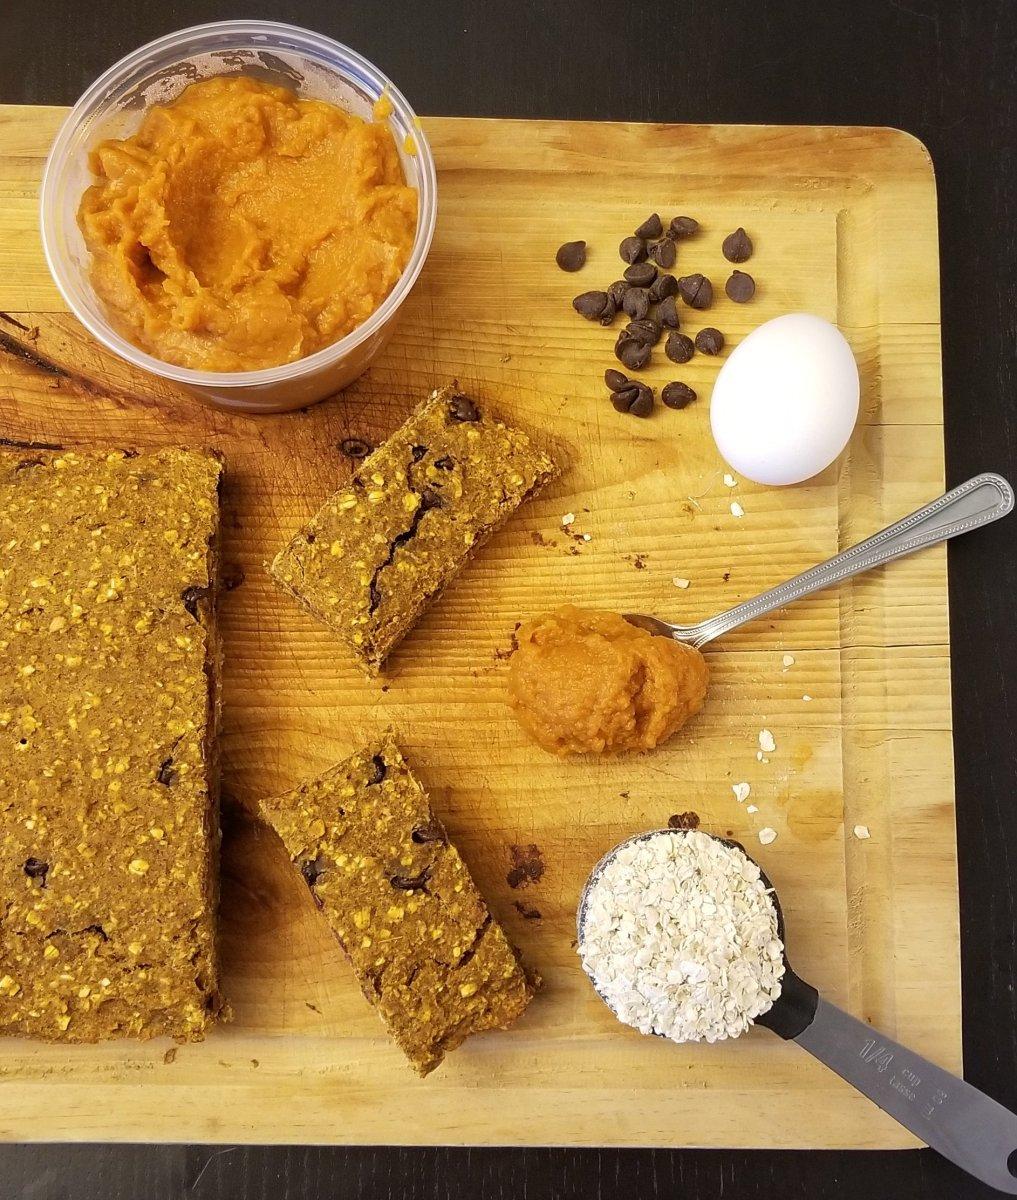 .@stephhfitness: Recipe: Pumpkin Pie Oatmeal Bars https://t.co/z0IQrr61Op https://t.co/vfKhf3geCn